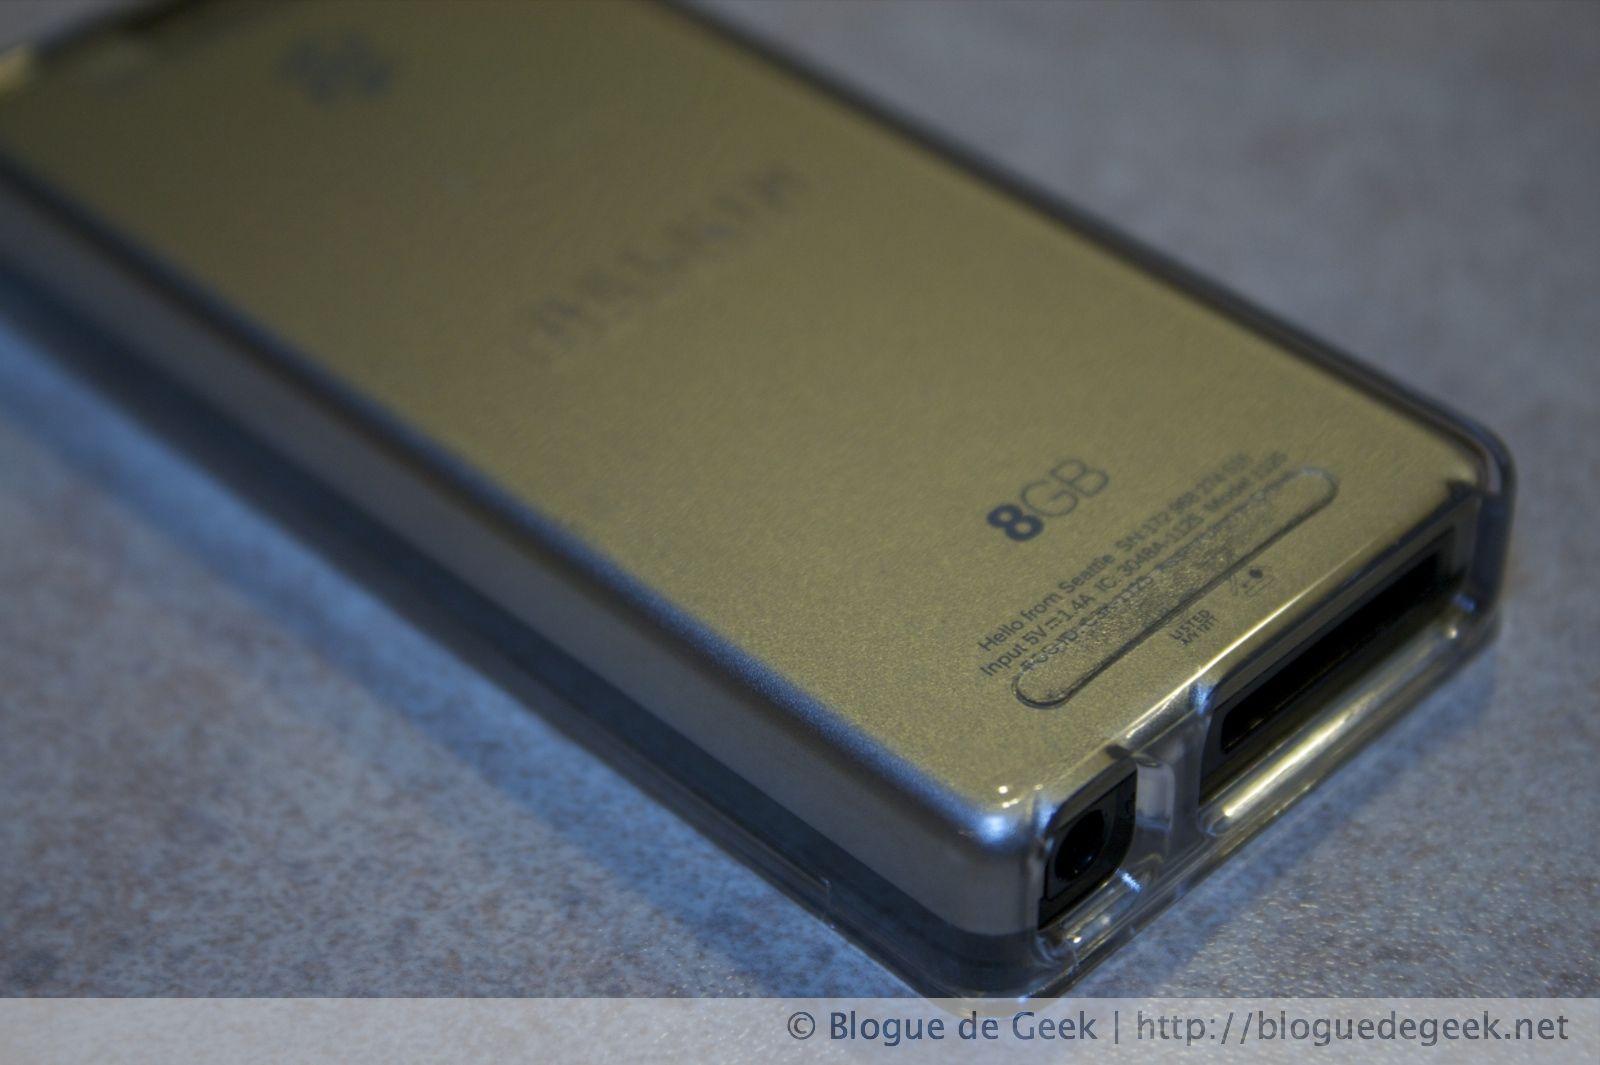 img 26472 - Belkin Remix Metal, étui en acrylique pour le Zune 4/8Go [Évaluation]